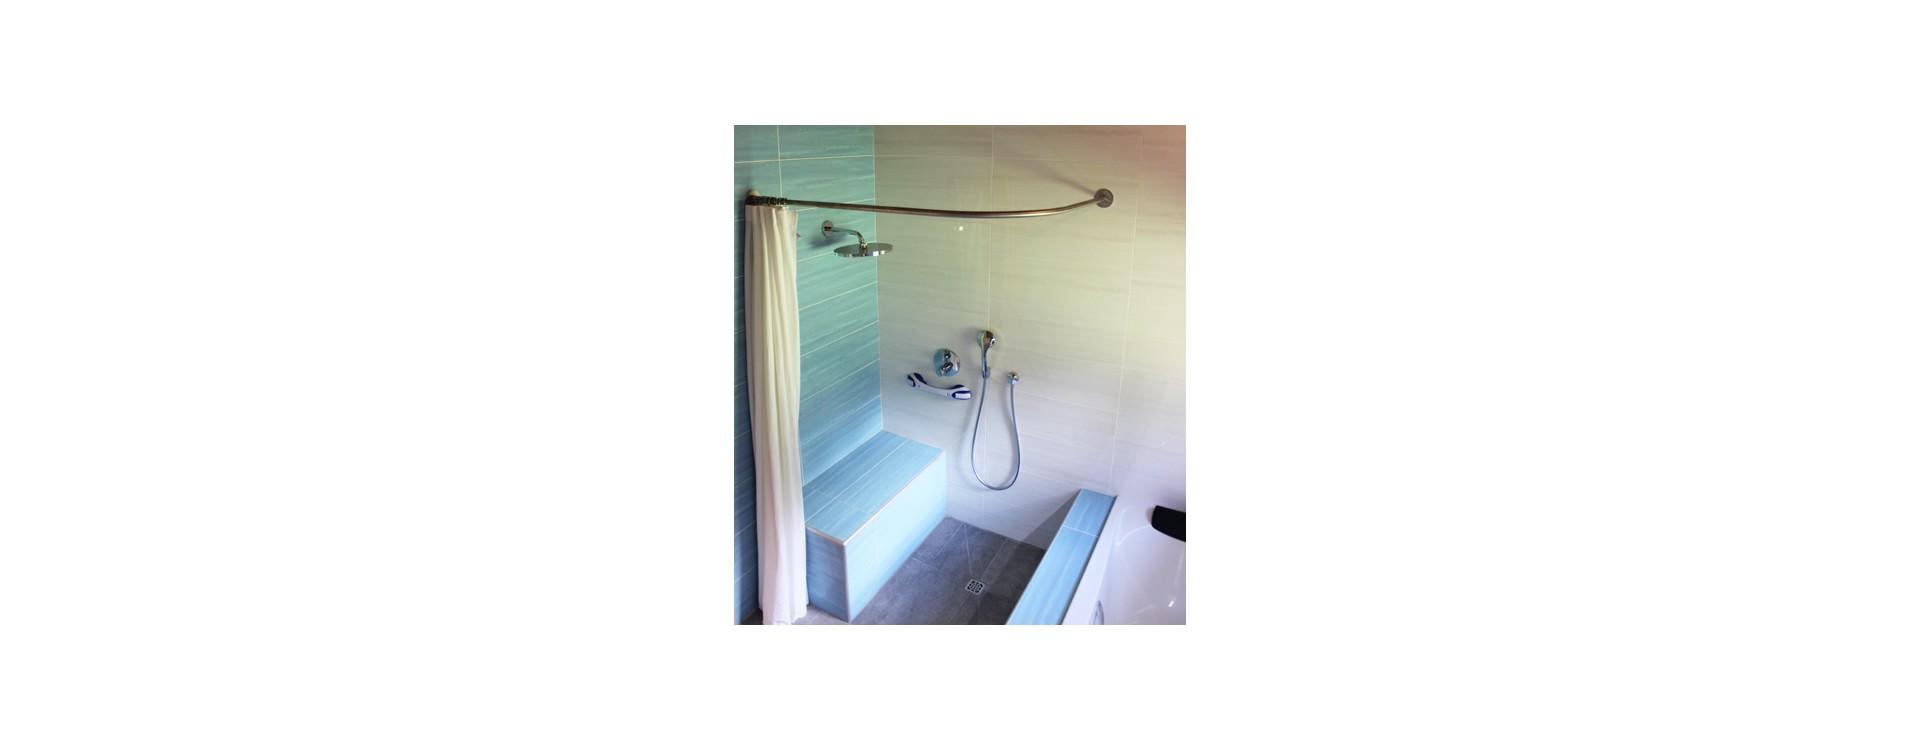 Solution GalboBain et la salle de bain accessible en fauteuil roulant